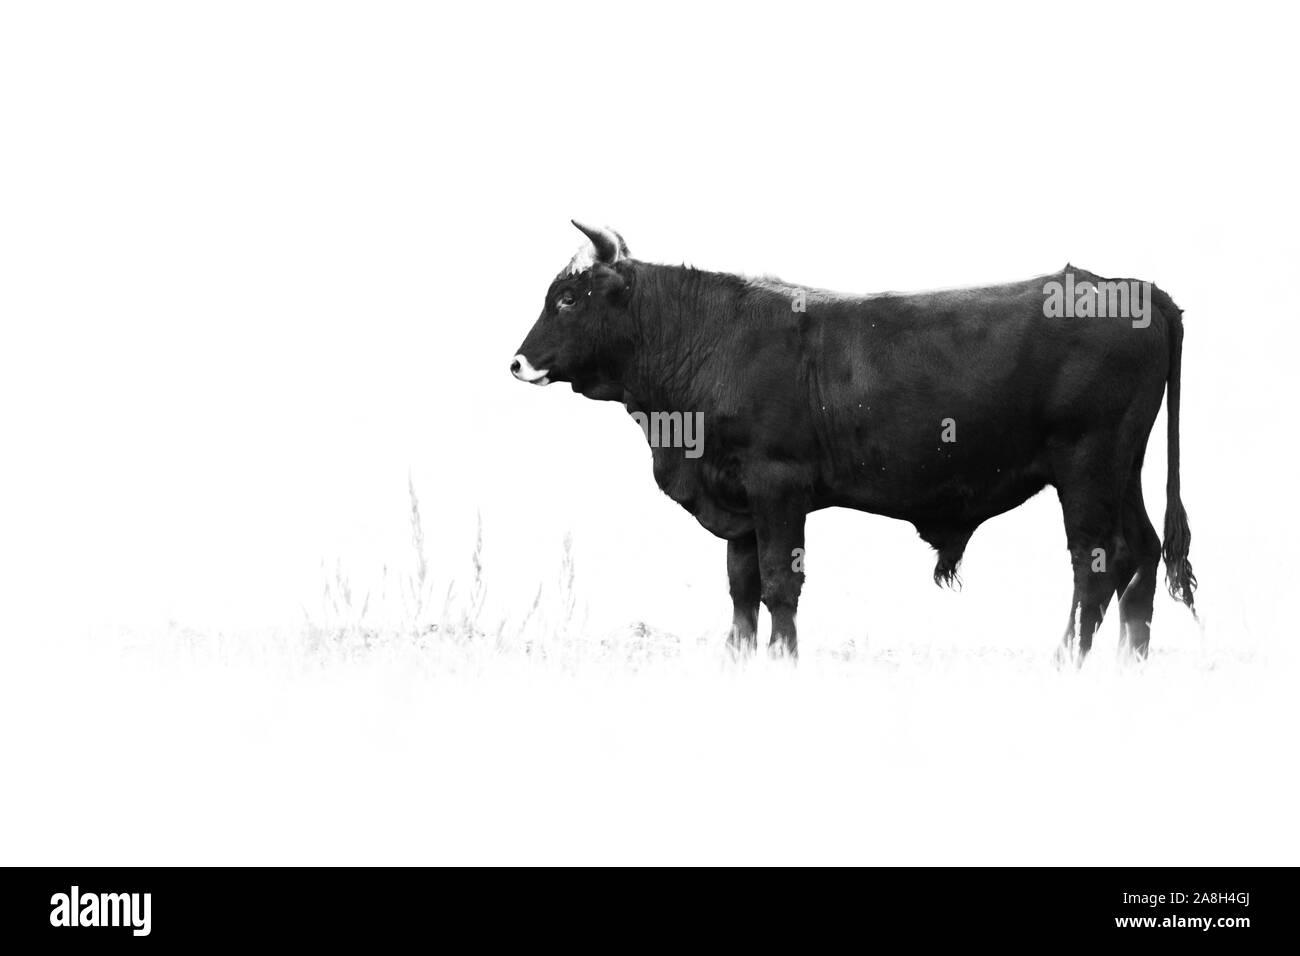 Heck ganado (Bos primigenius f. taurus), Bull en una pastura a última hora de la tarde, intente volver a criar los extintos uros (Bos primigenius), Hungría Foto de stock